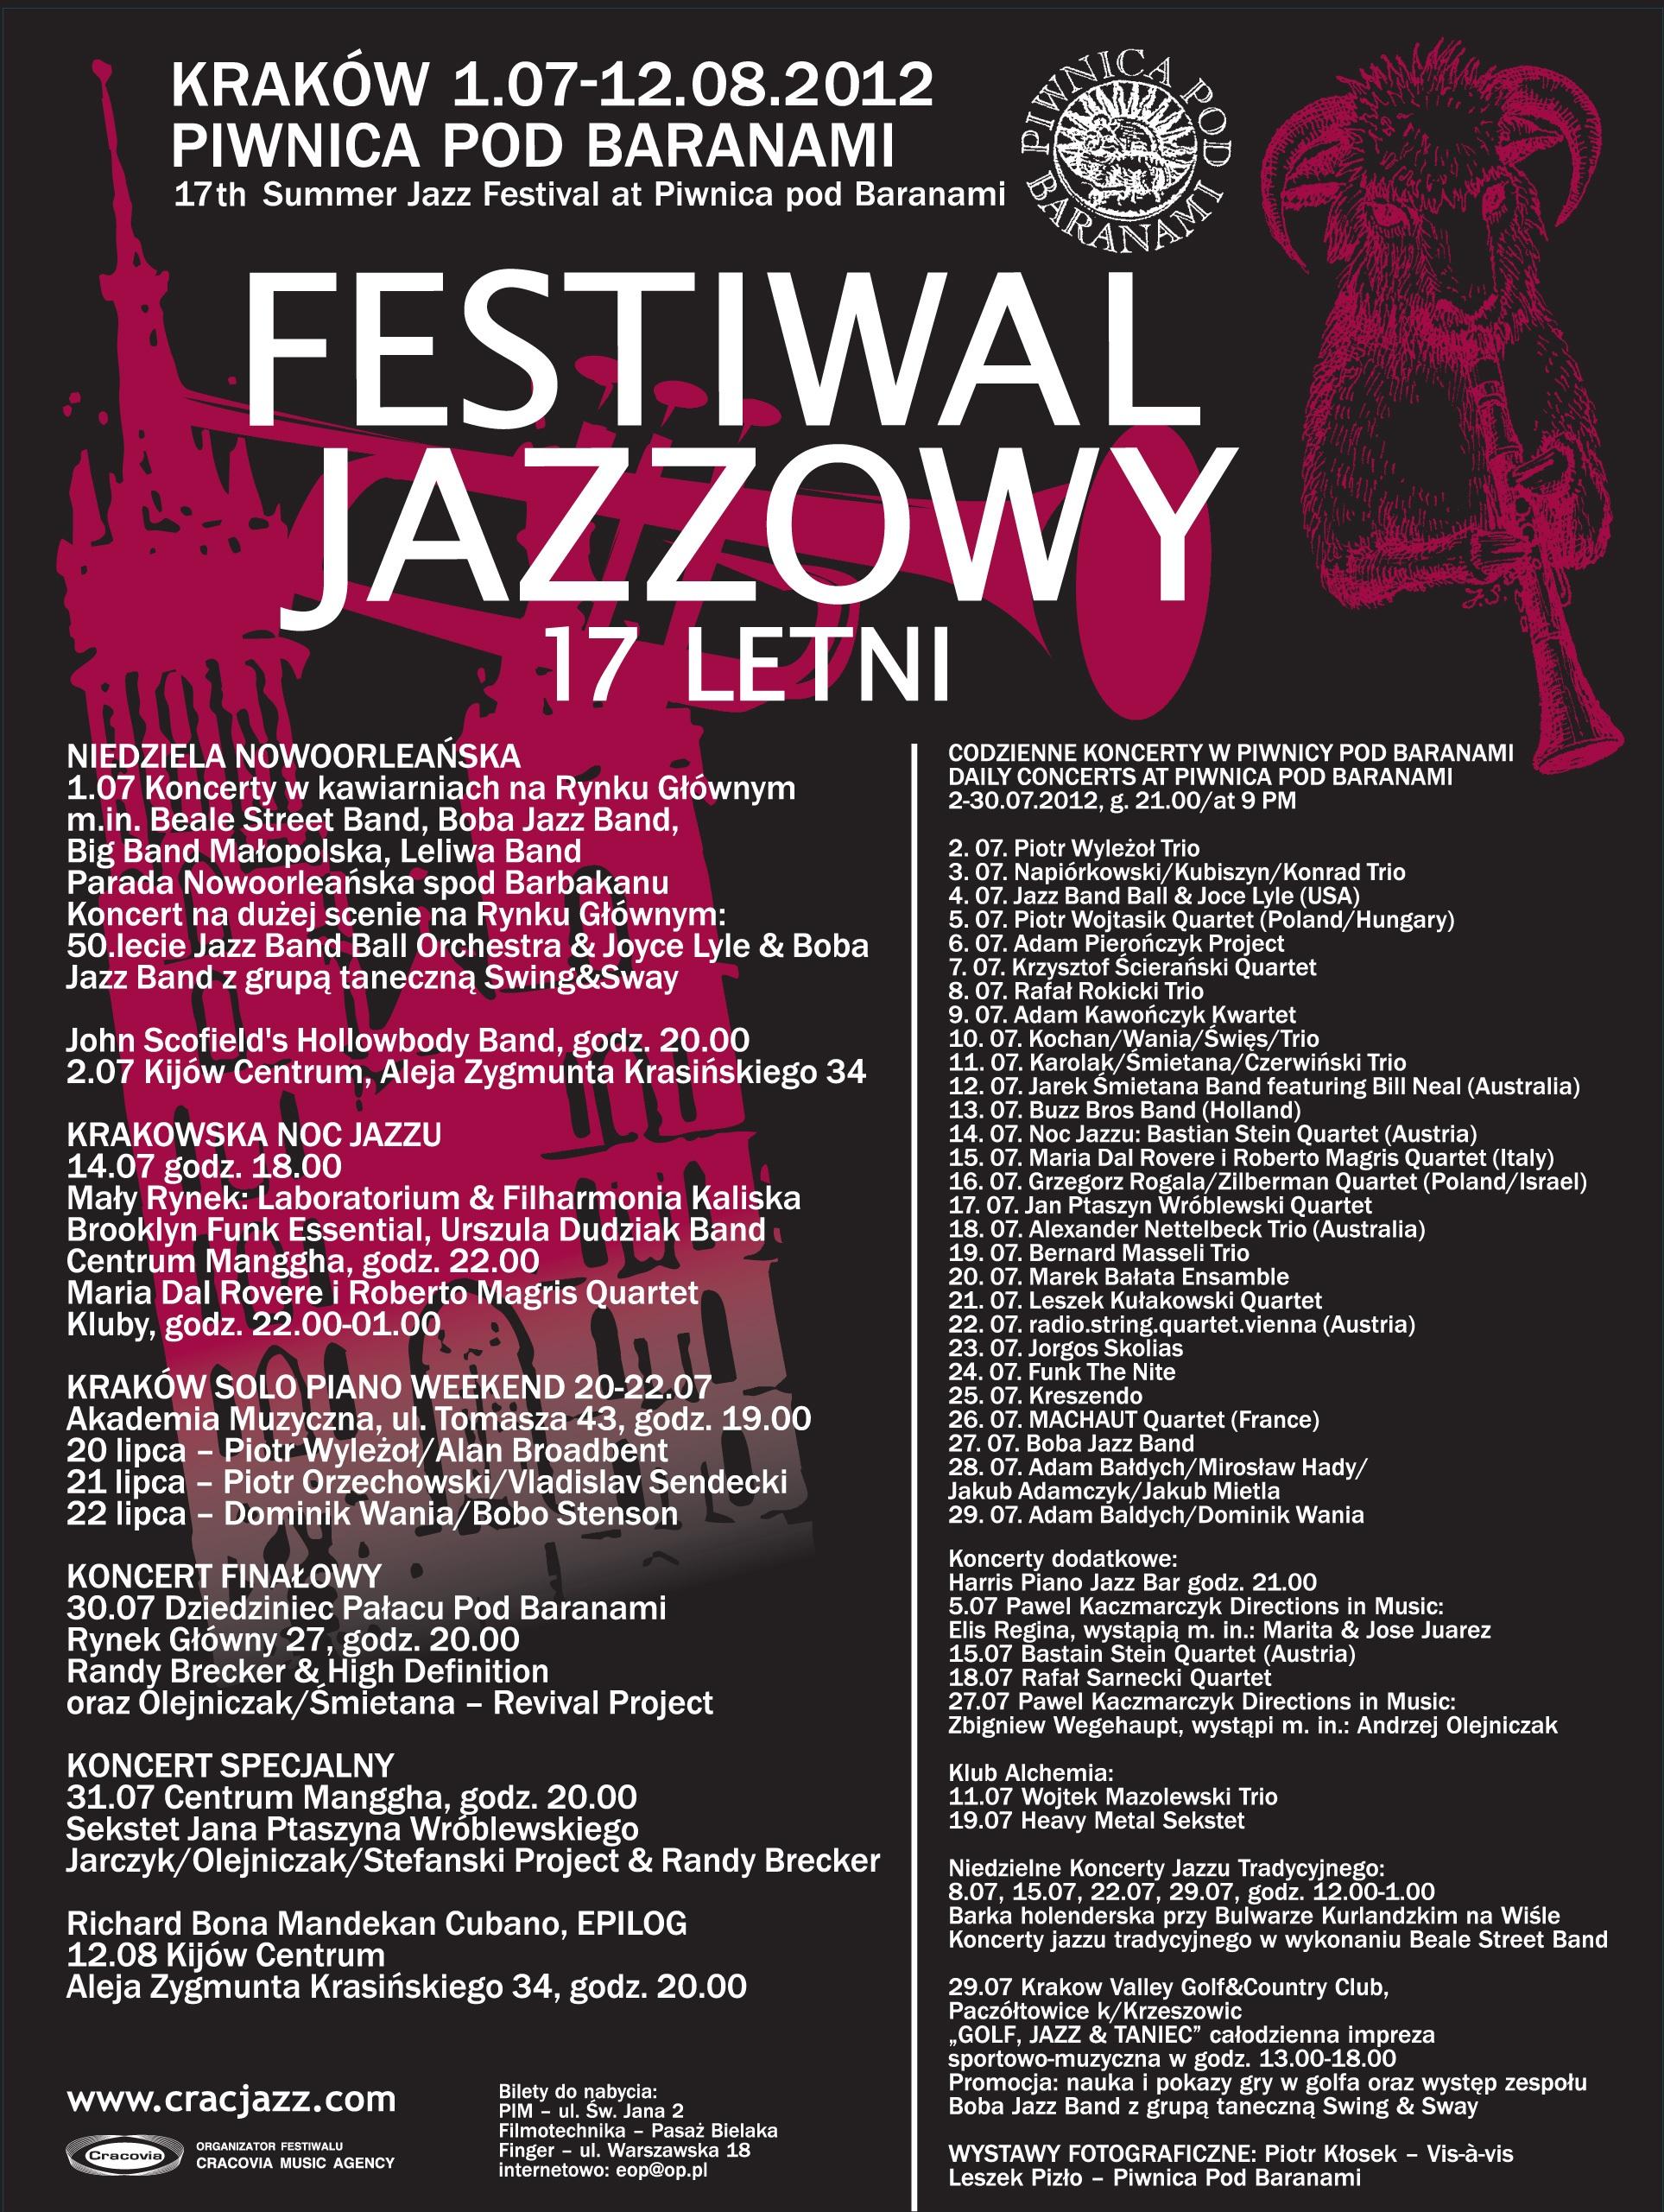 Plakat Festiwalu (źródło: materiały prasowe organizatora)